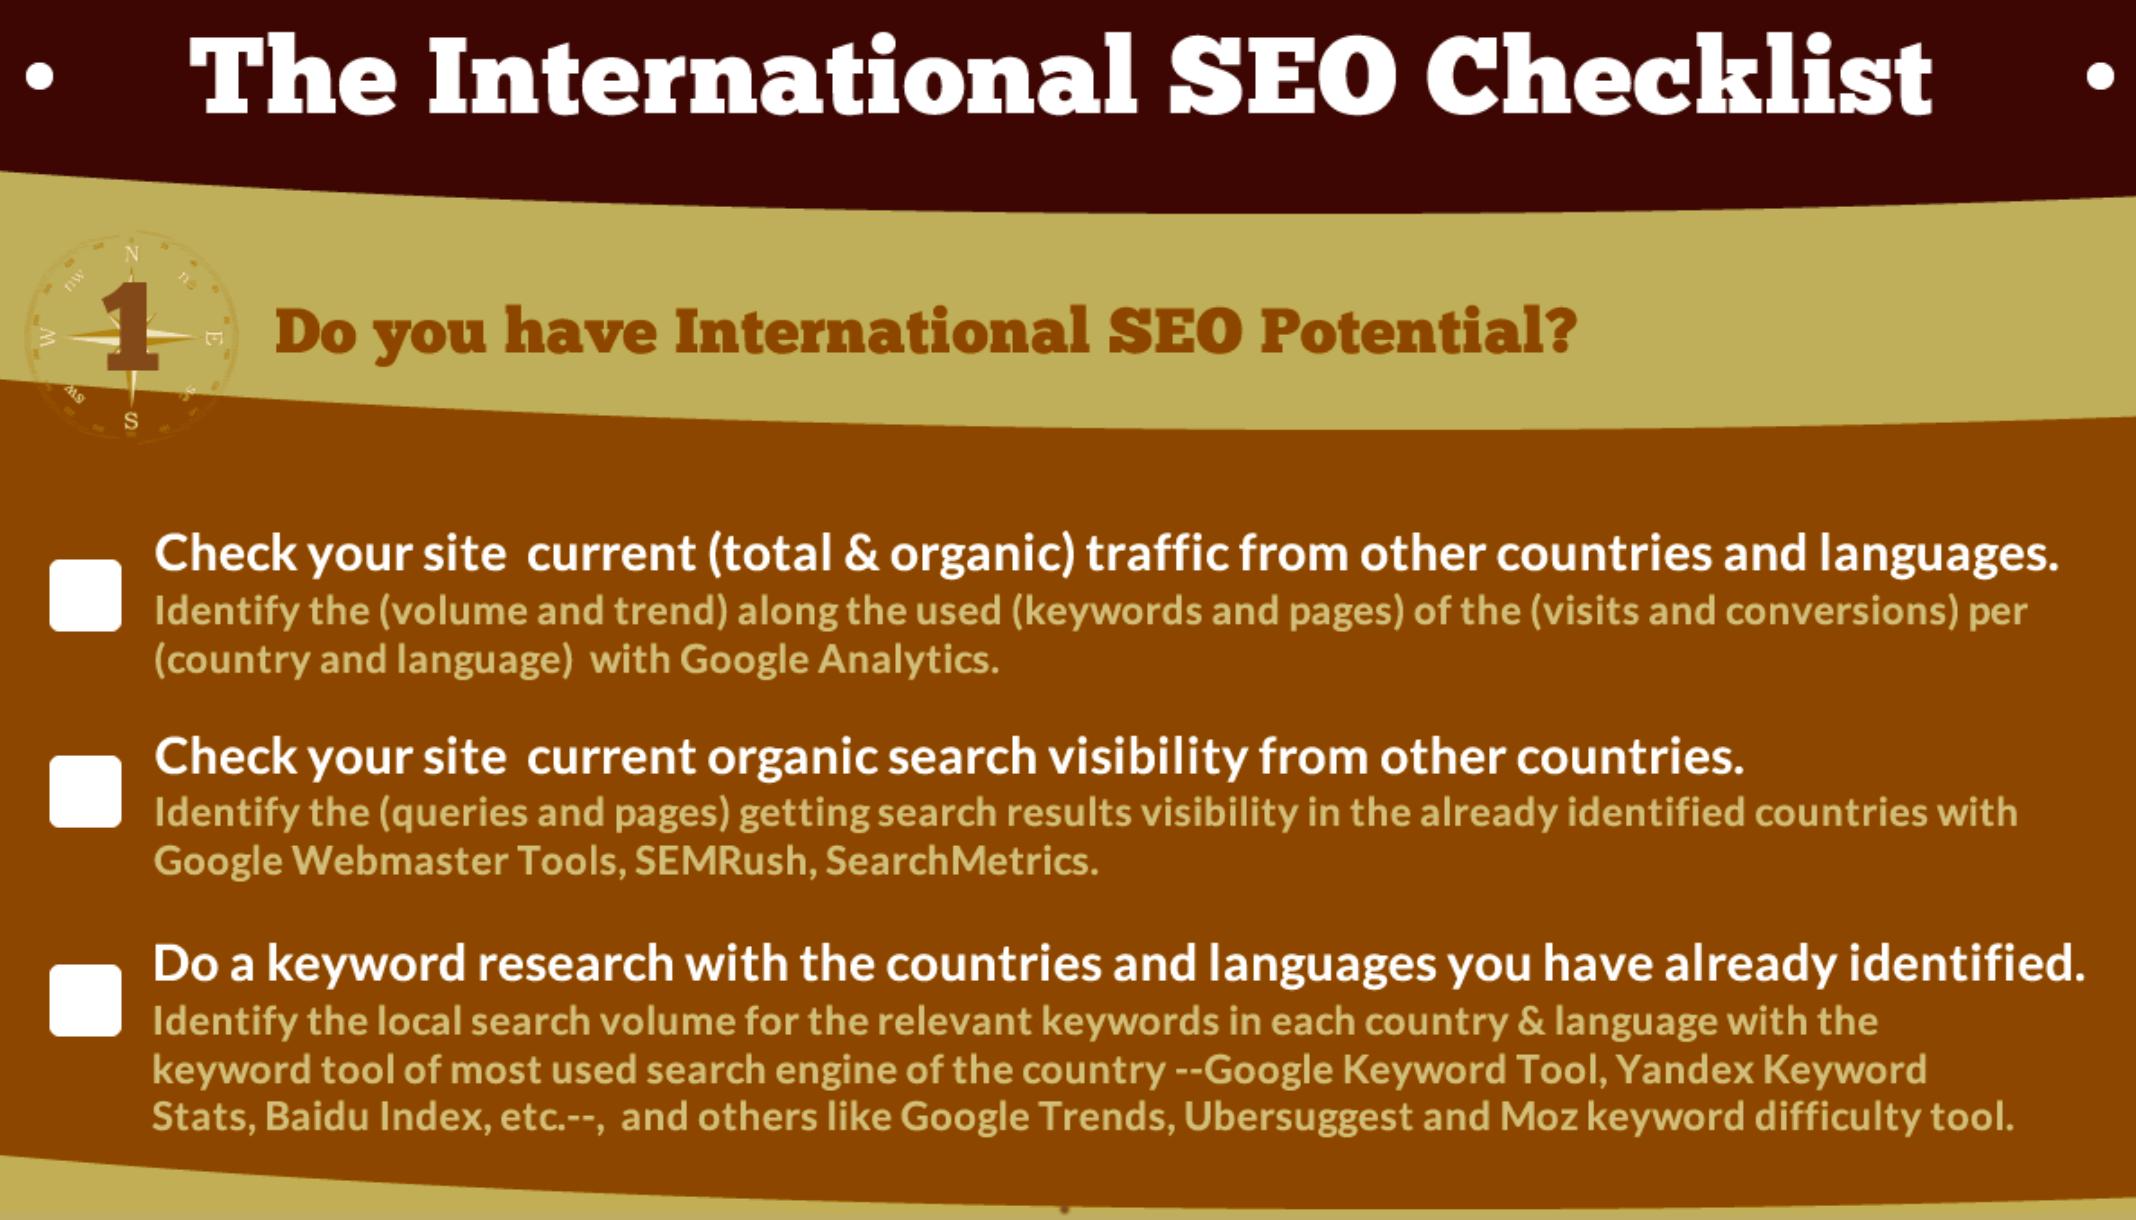 International SEO Guide & Tools by @Aleyda